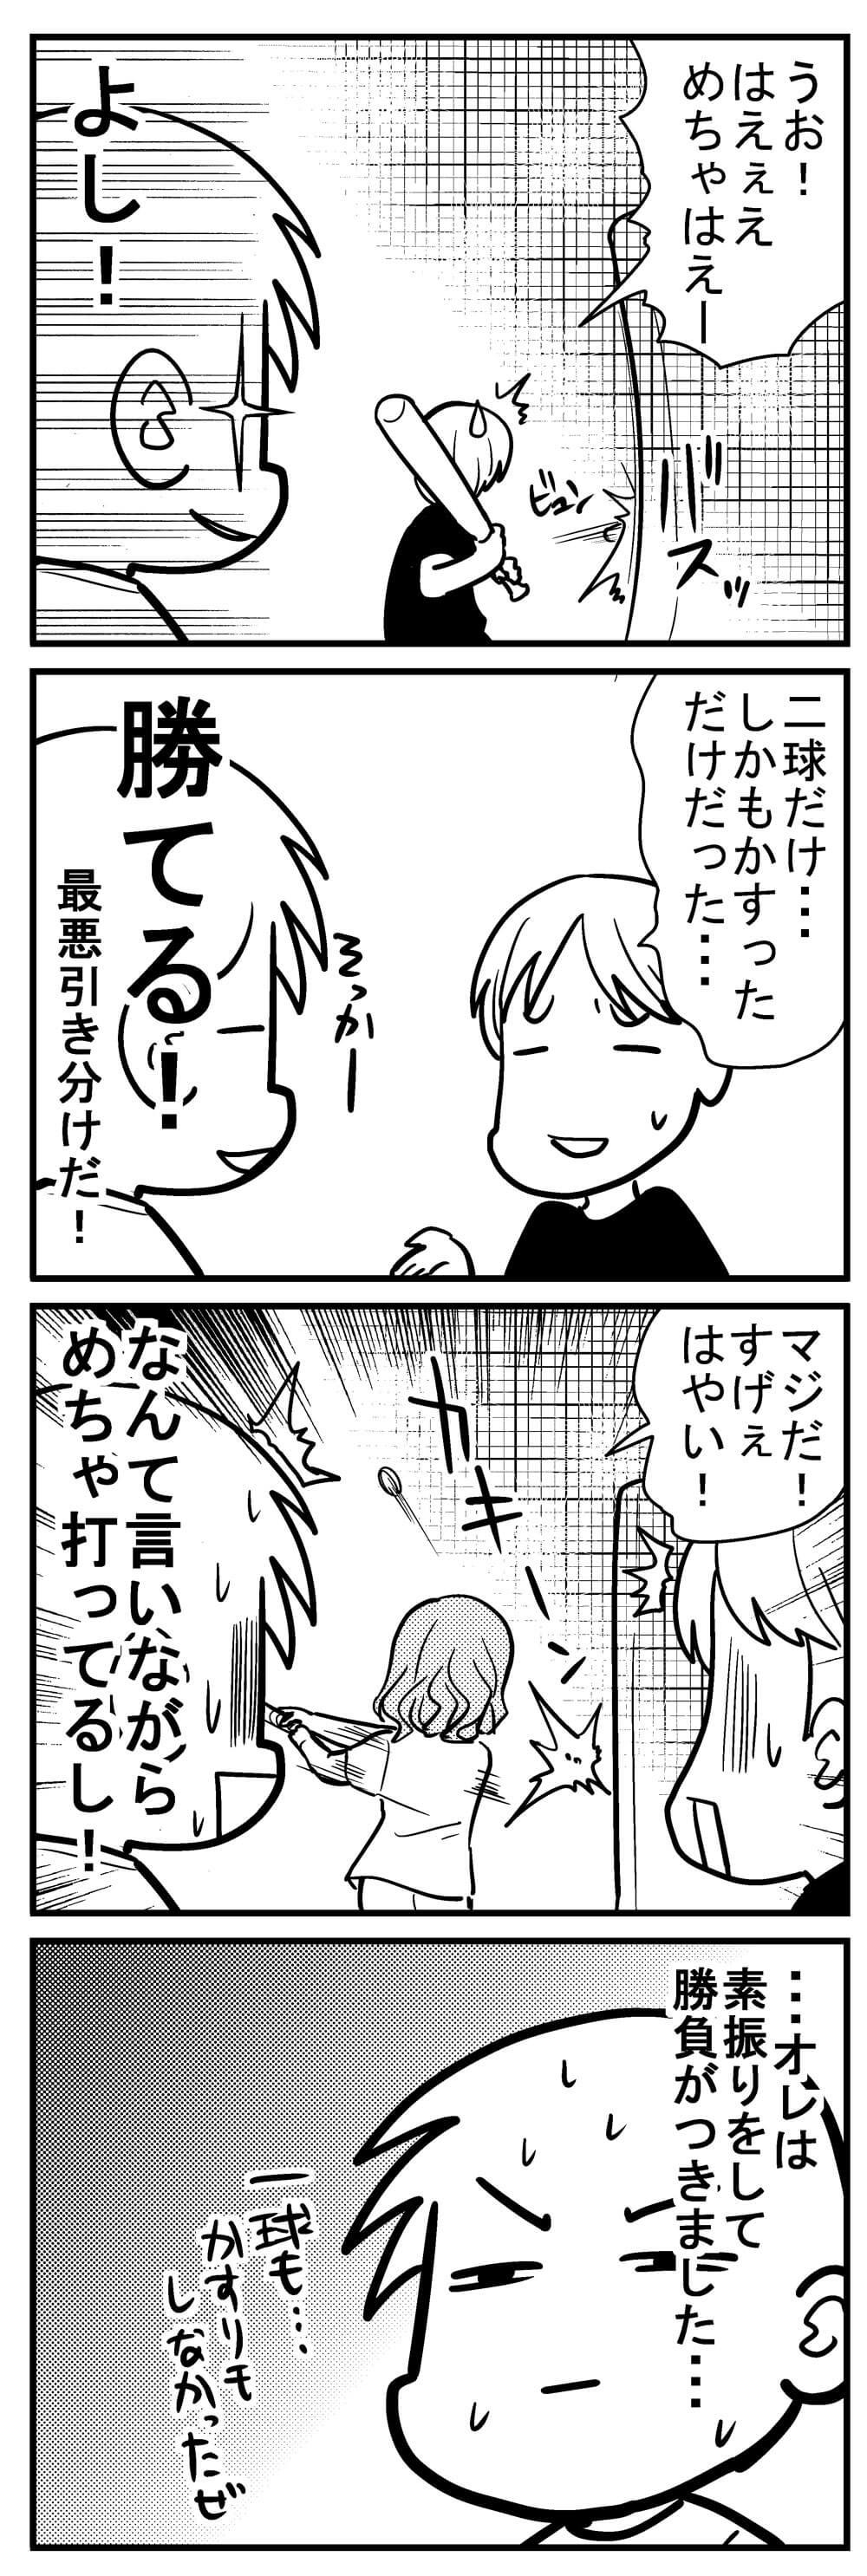 深読みくん155-2